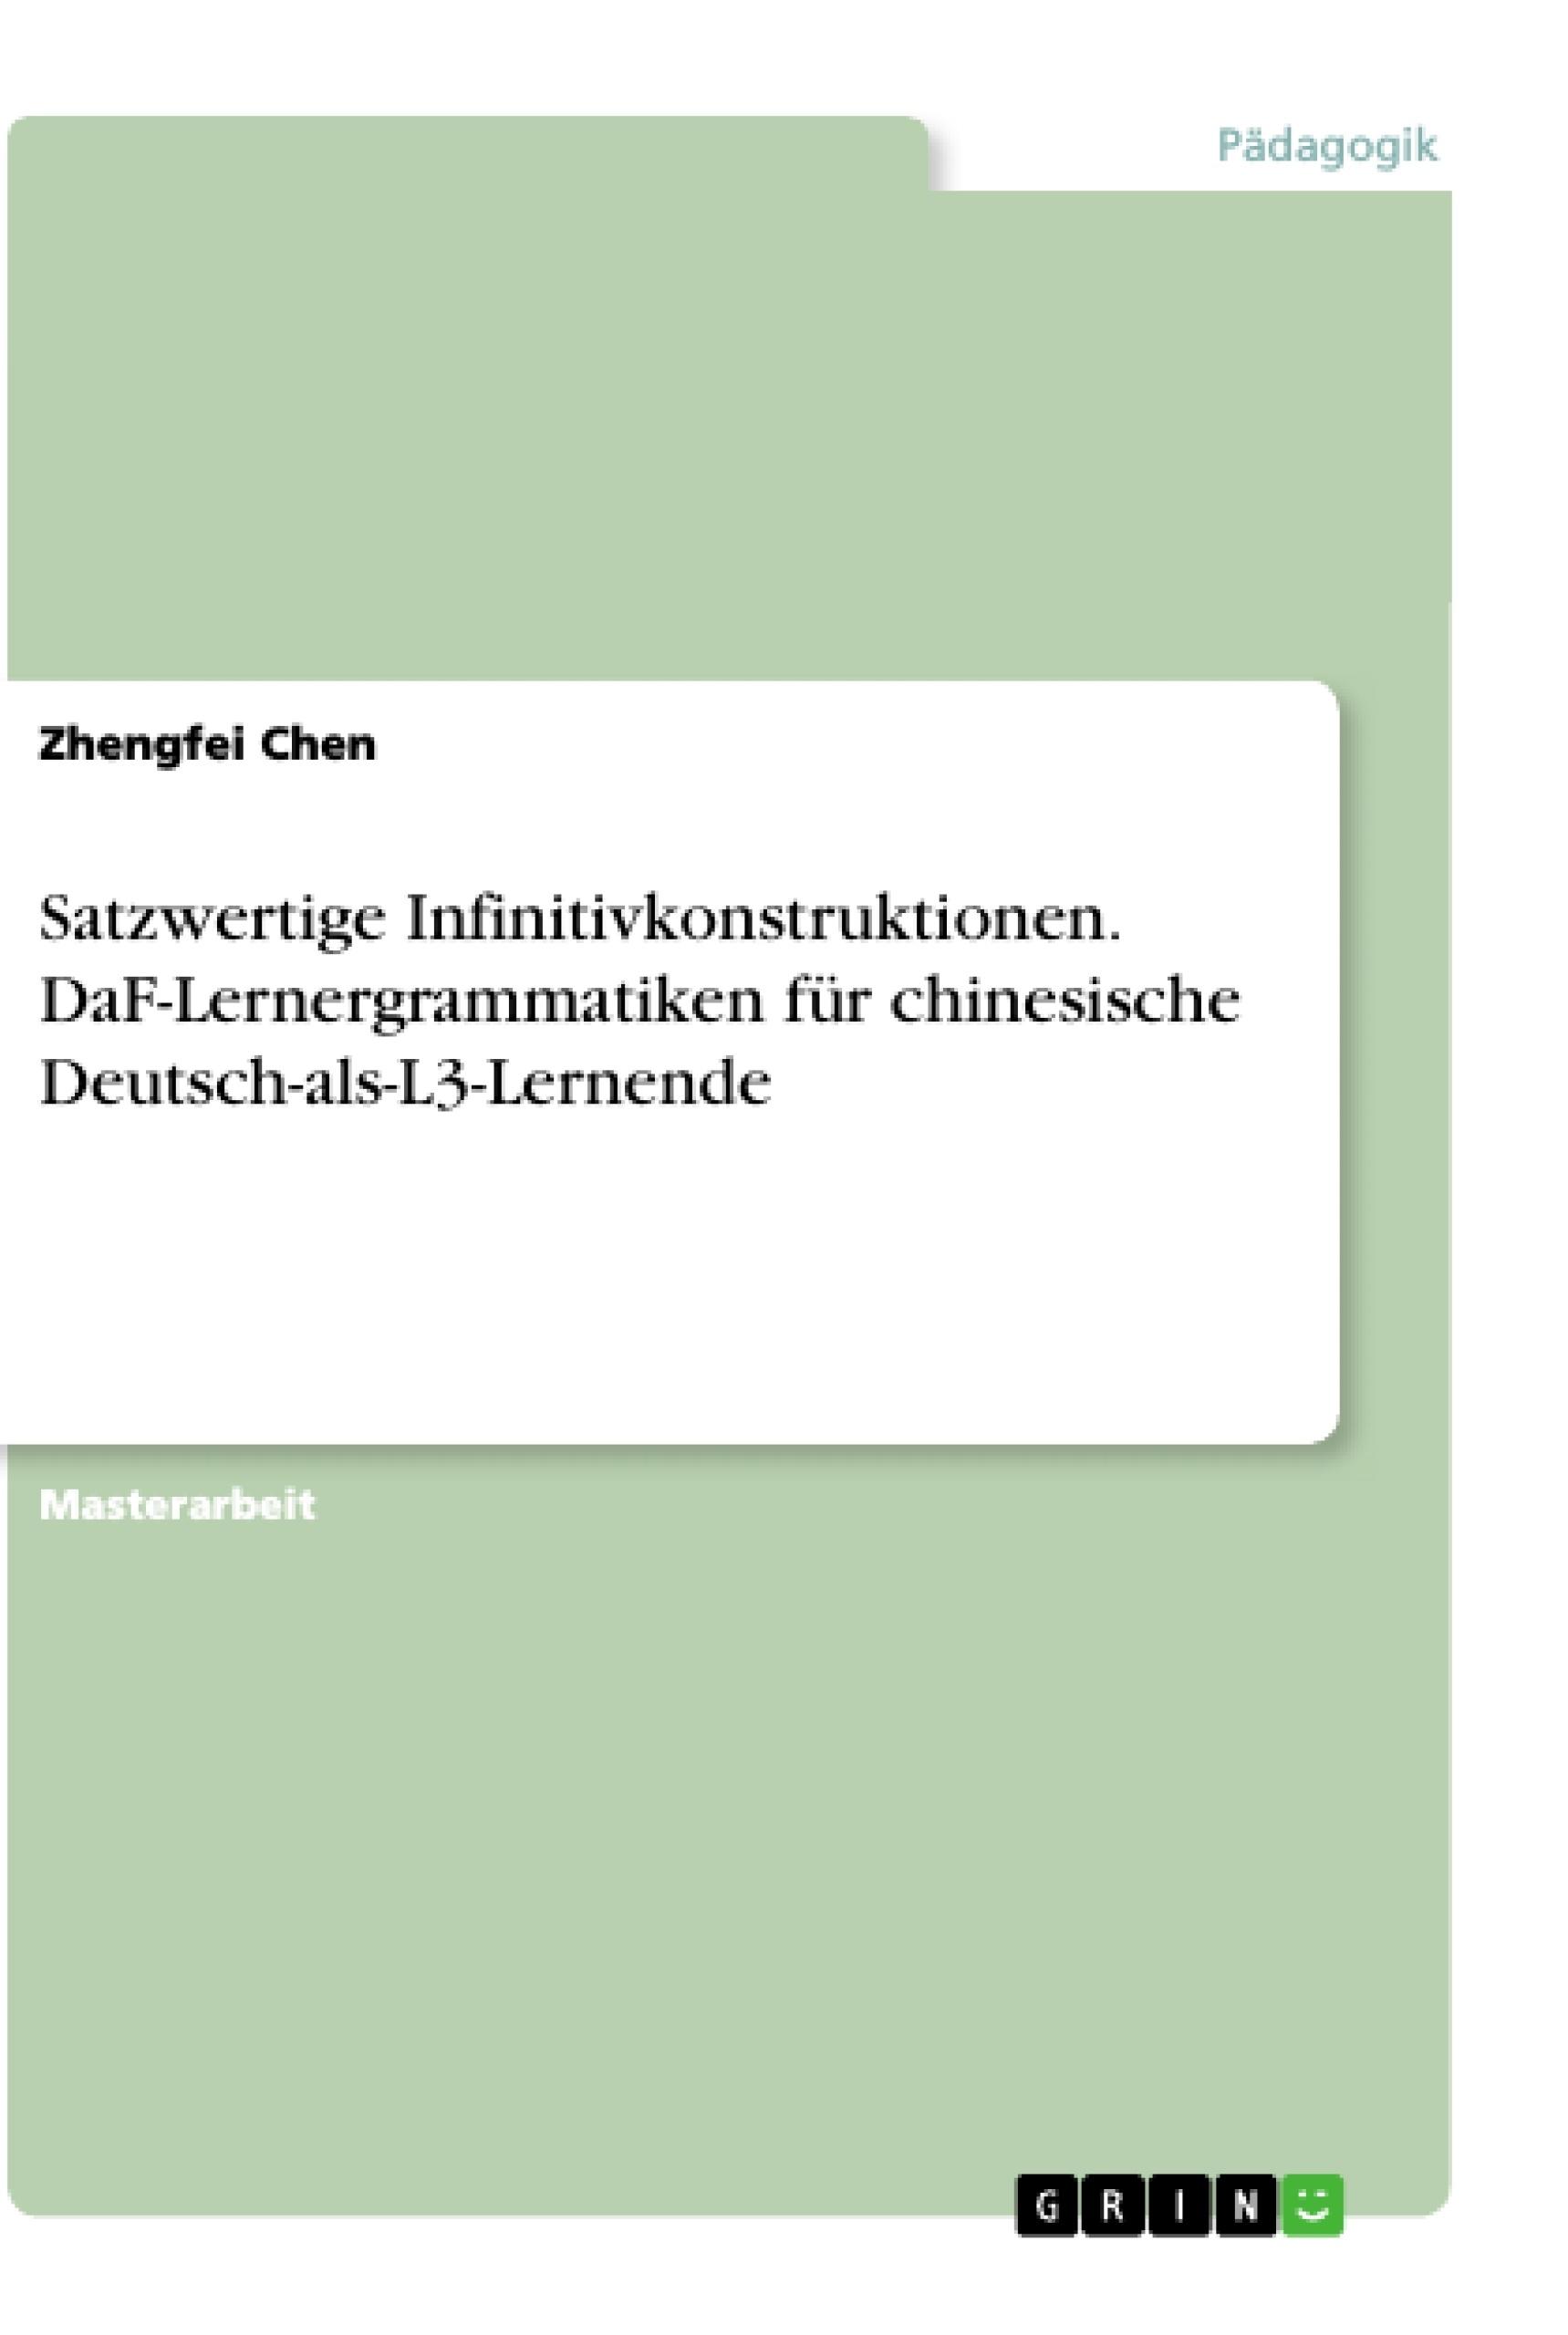 Titel: Satzwertige Infinitivkonstruktionen. DaF-Lernergrammatiken für chinesische Deutsch-als-L3-Lernende